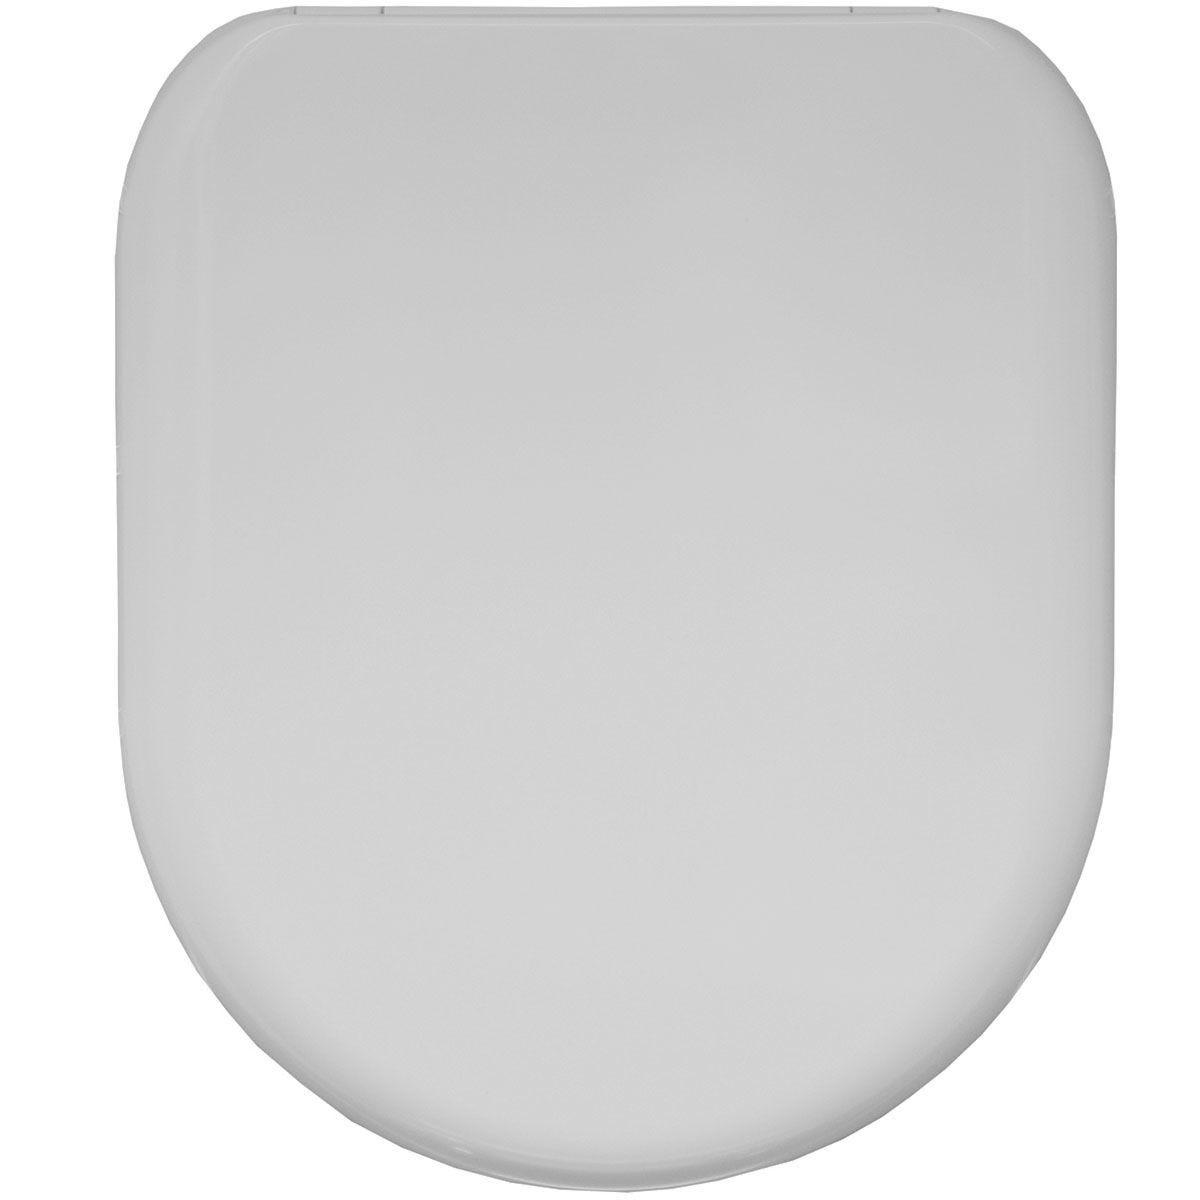 Bemis Plastic D Shape Push Button Top Fix Slow Close Toilet Seat